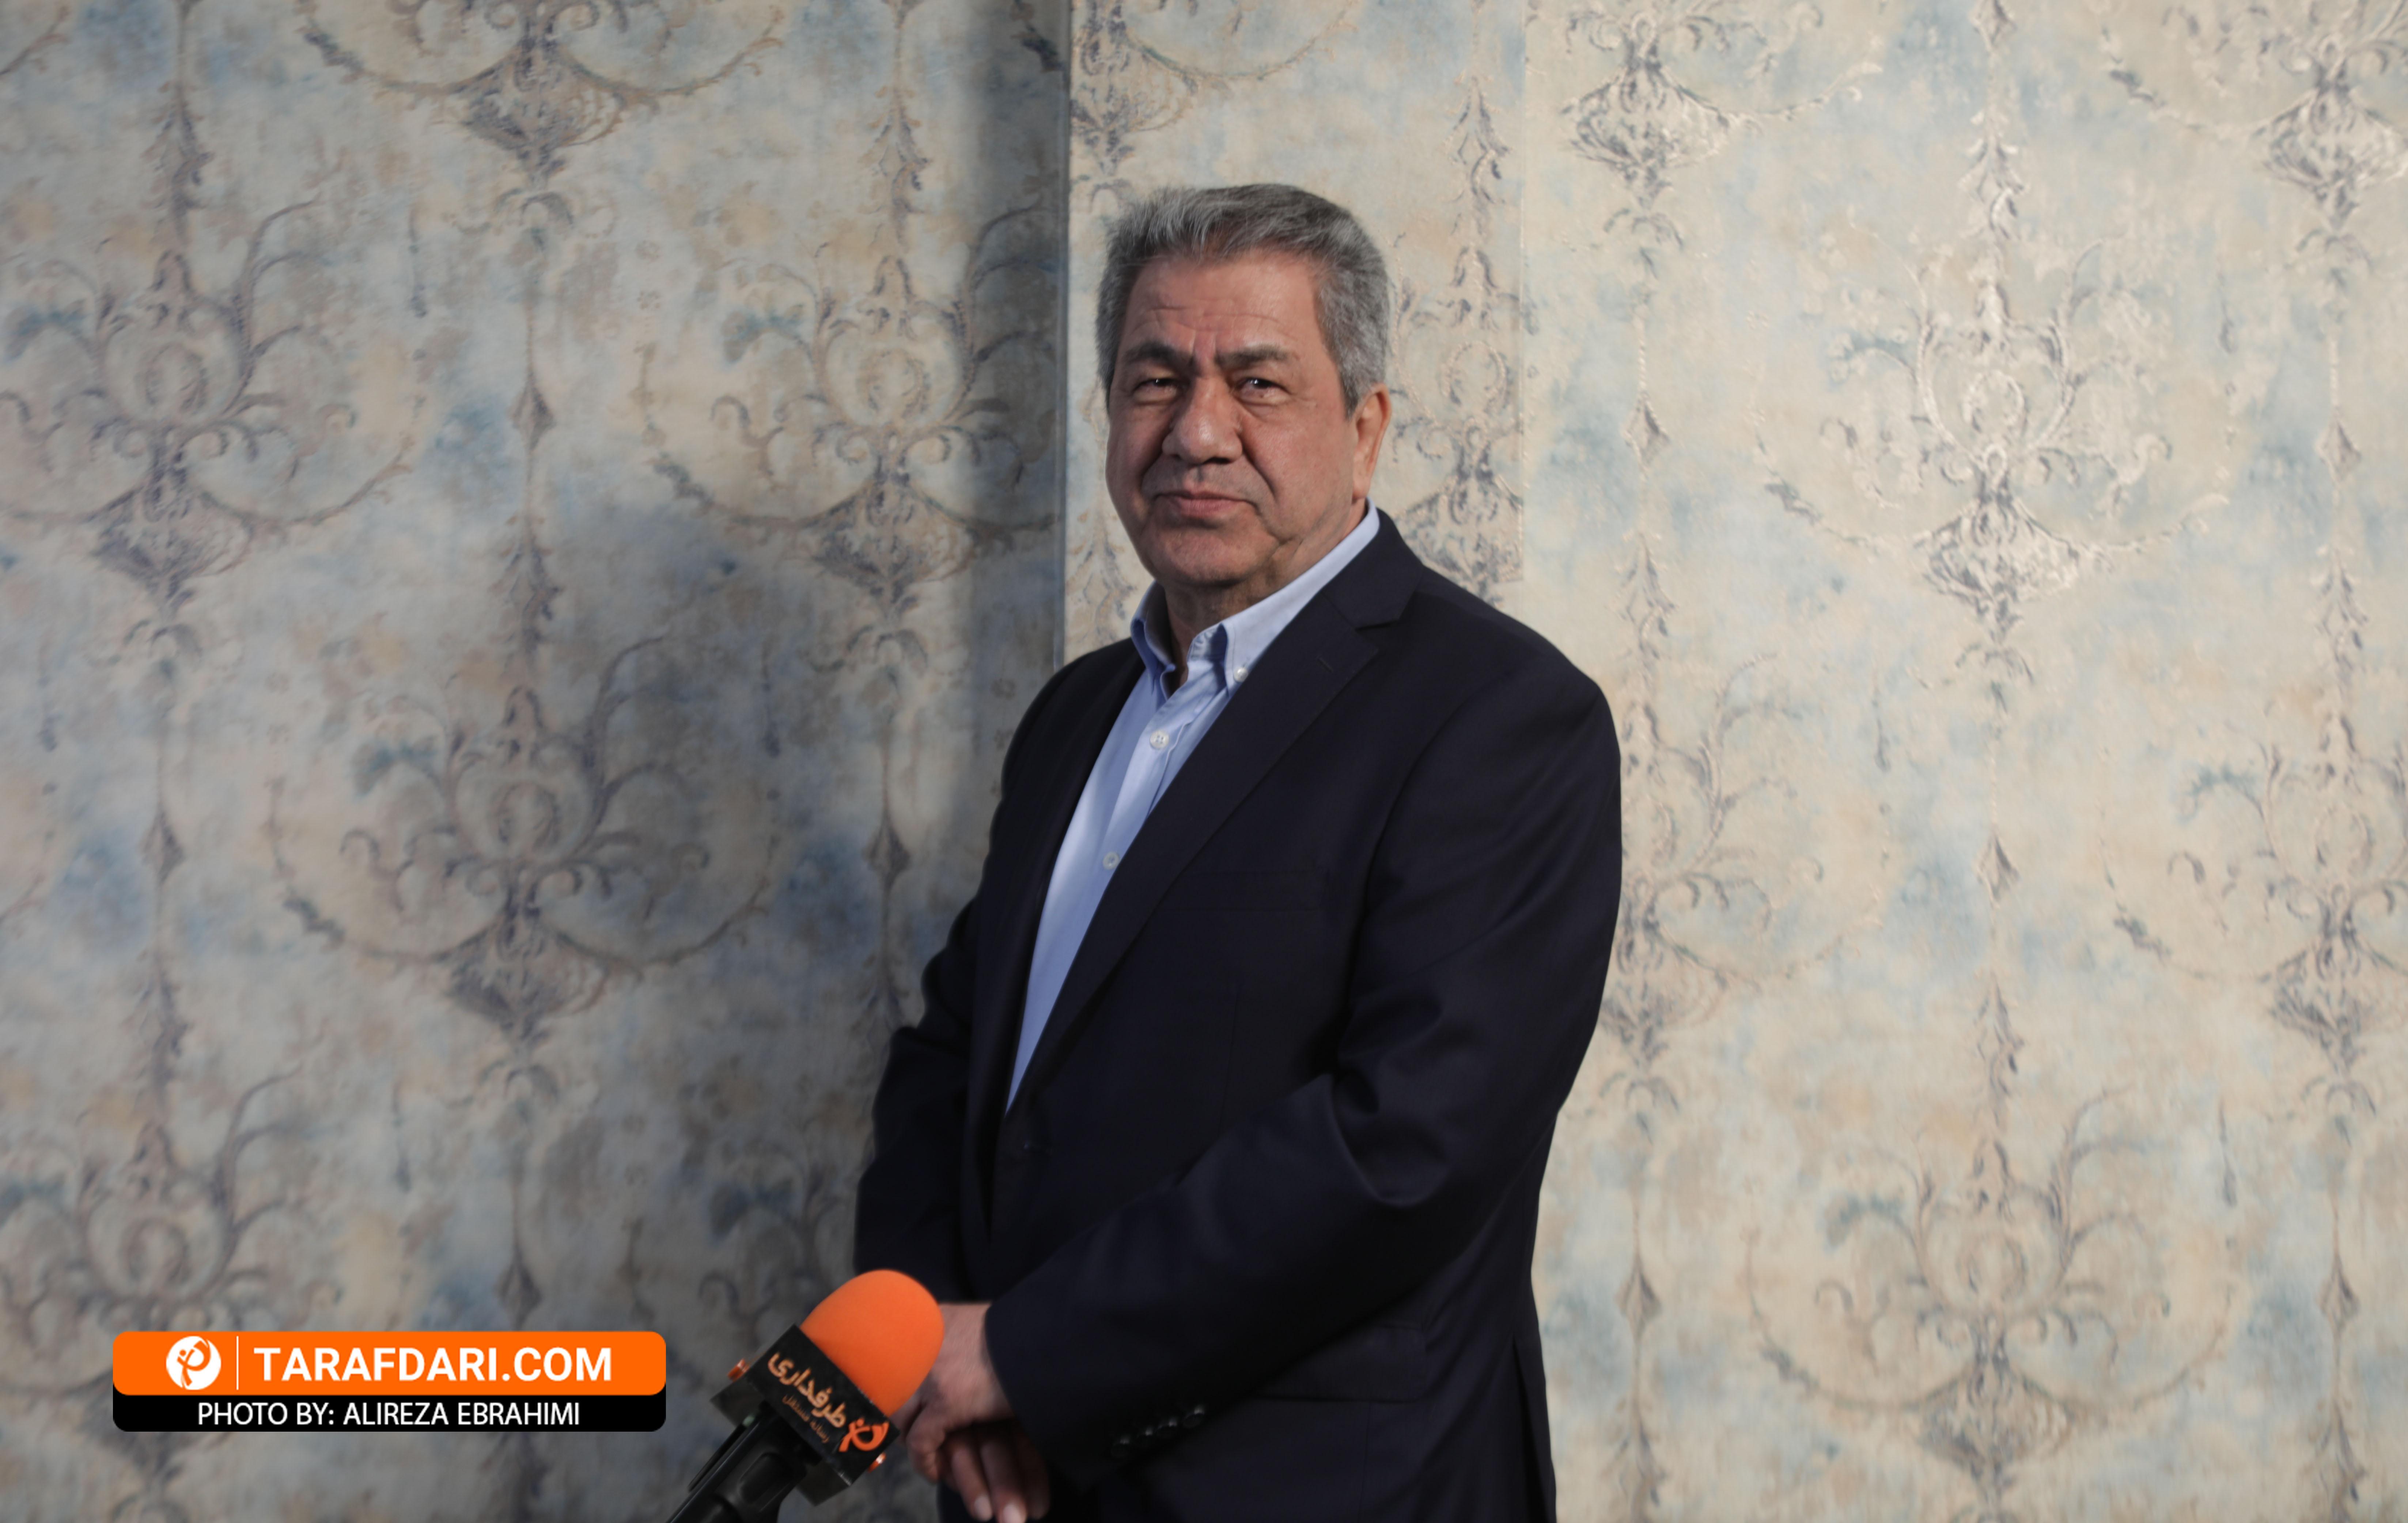 استقلال / لیگ قهرمانان آسیا